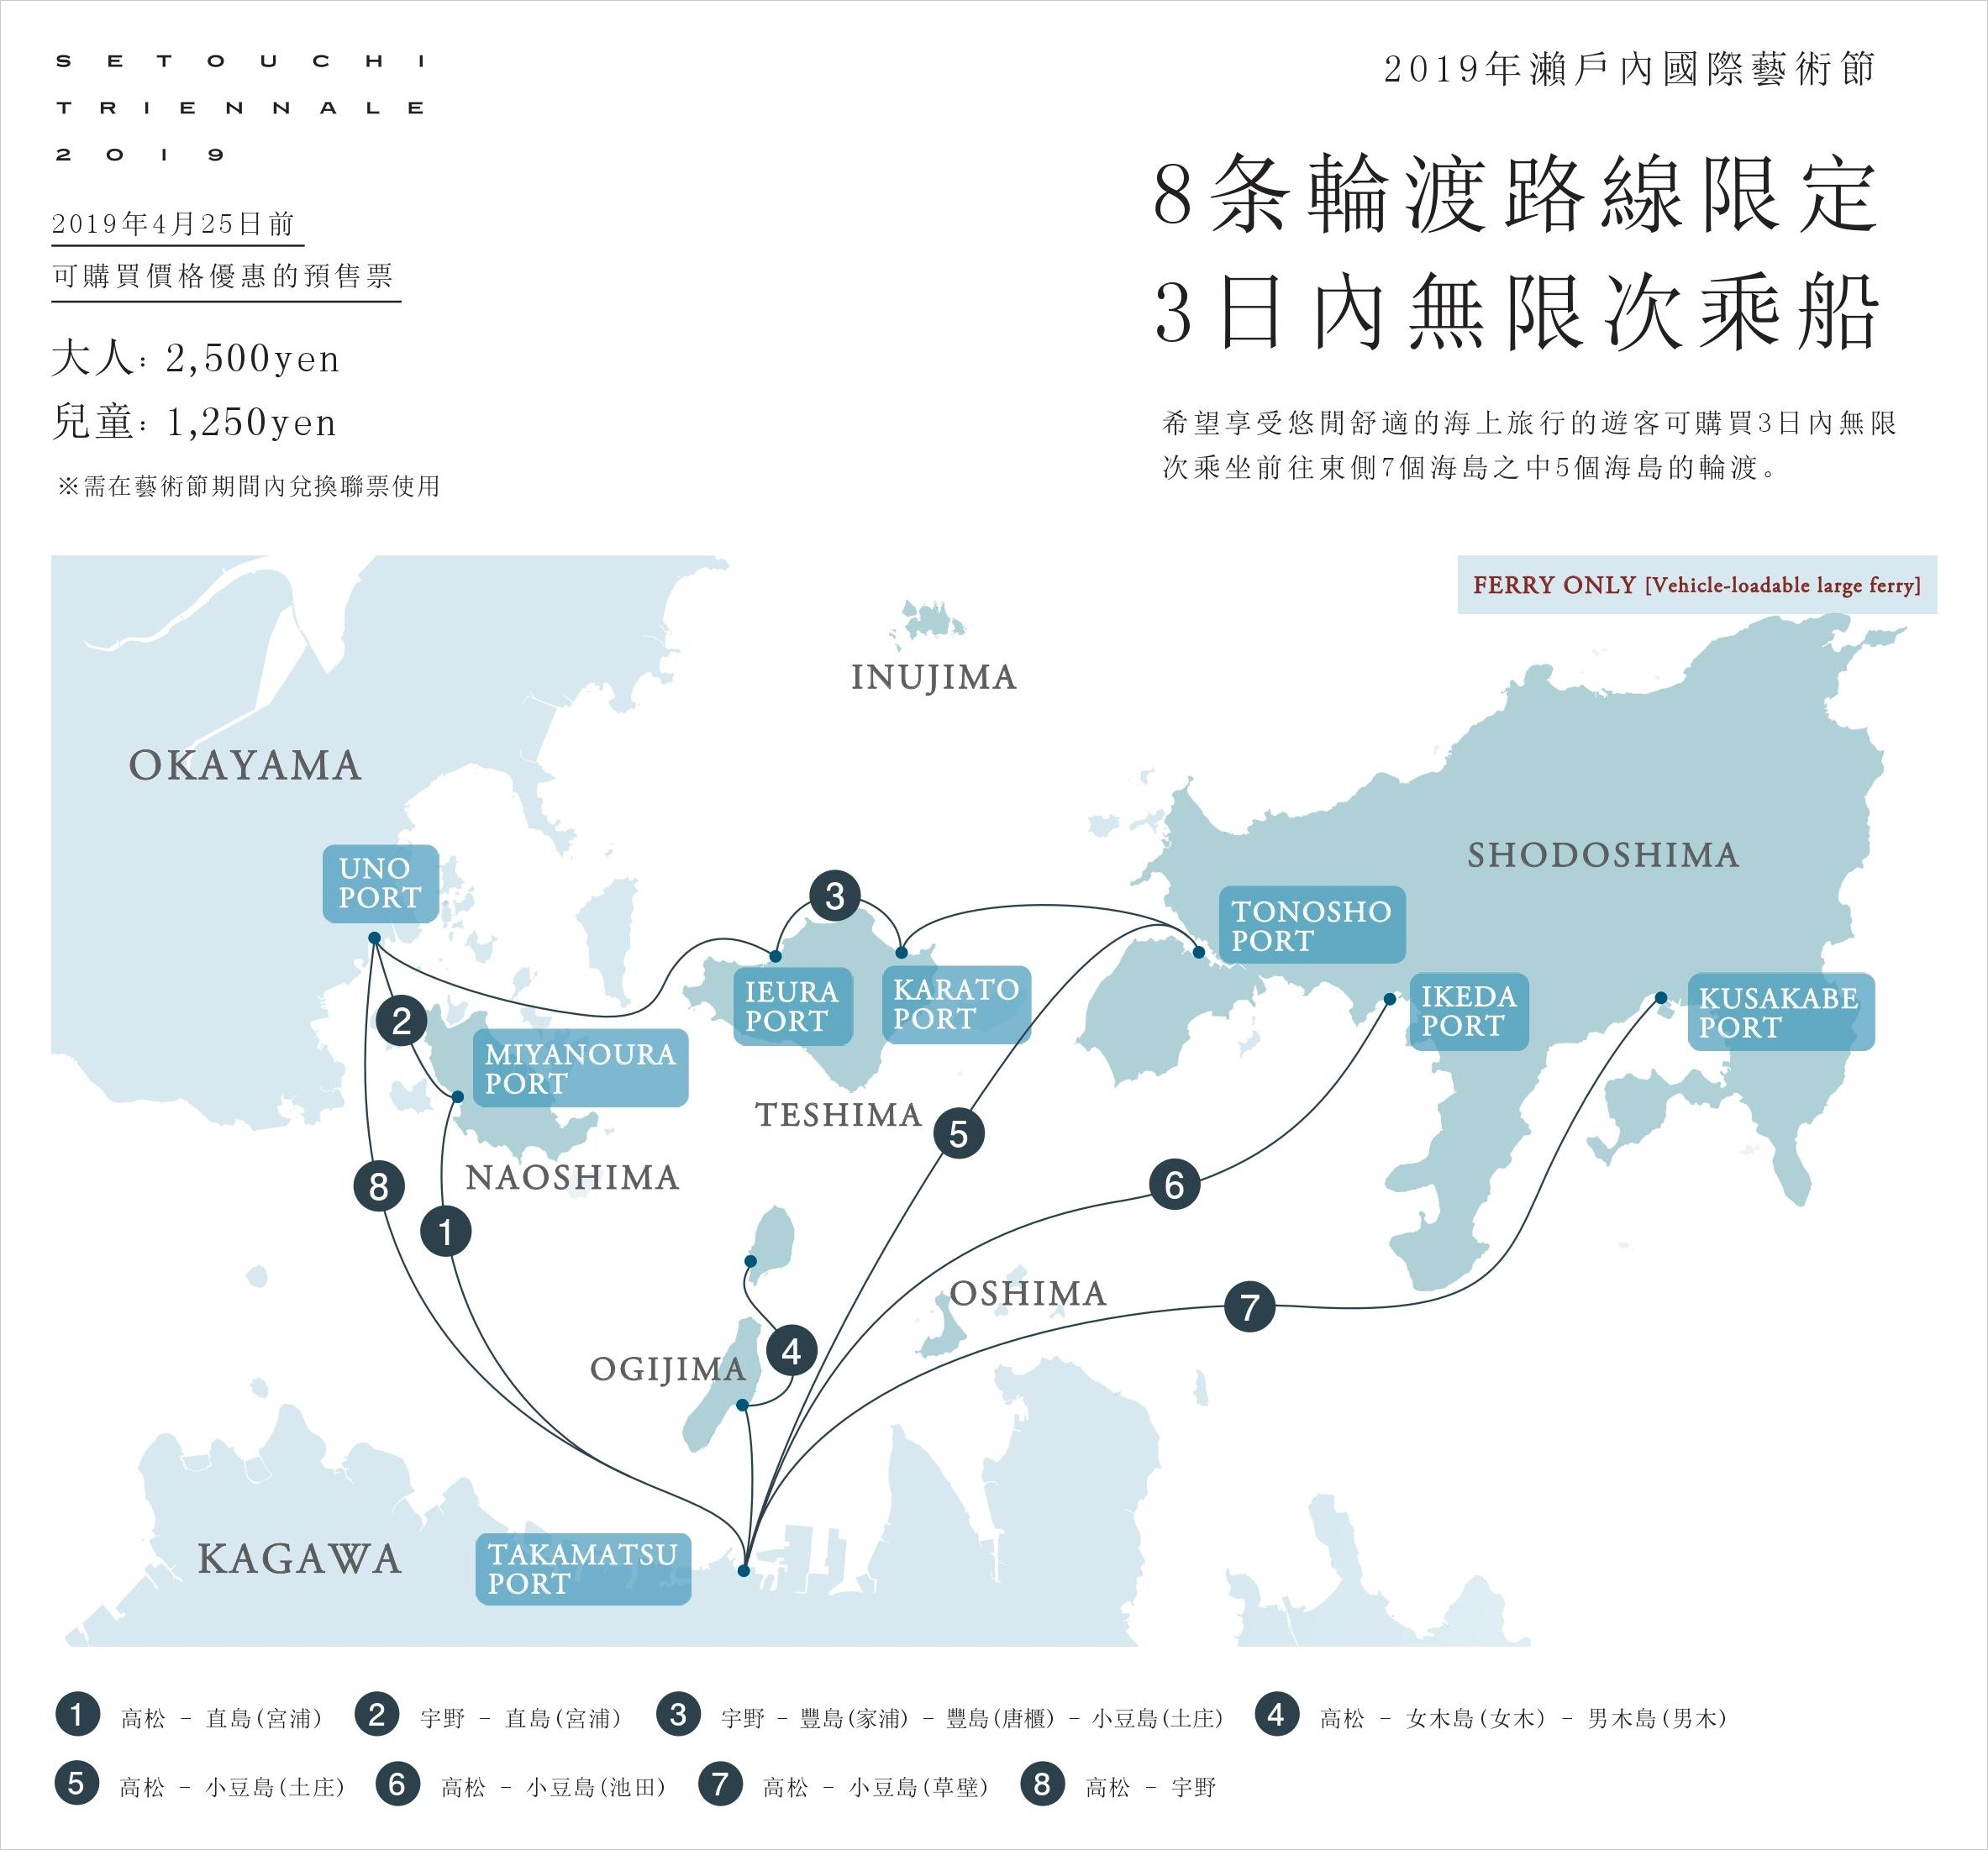 搭渡輪跳島旅行。2019瀨戶內國際藝術祭|自由行規劃